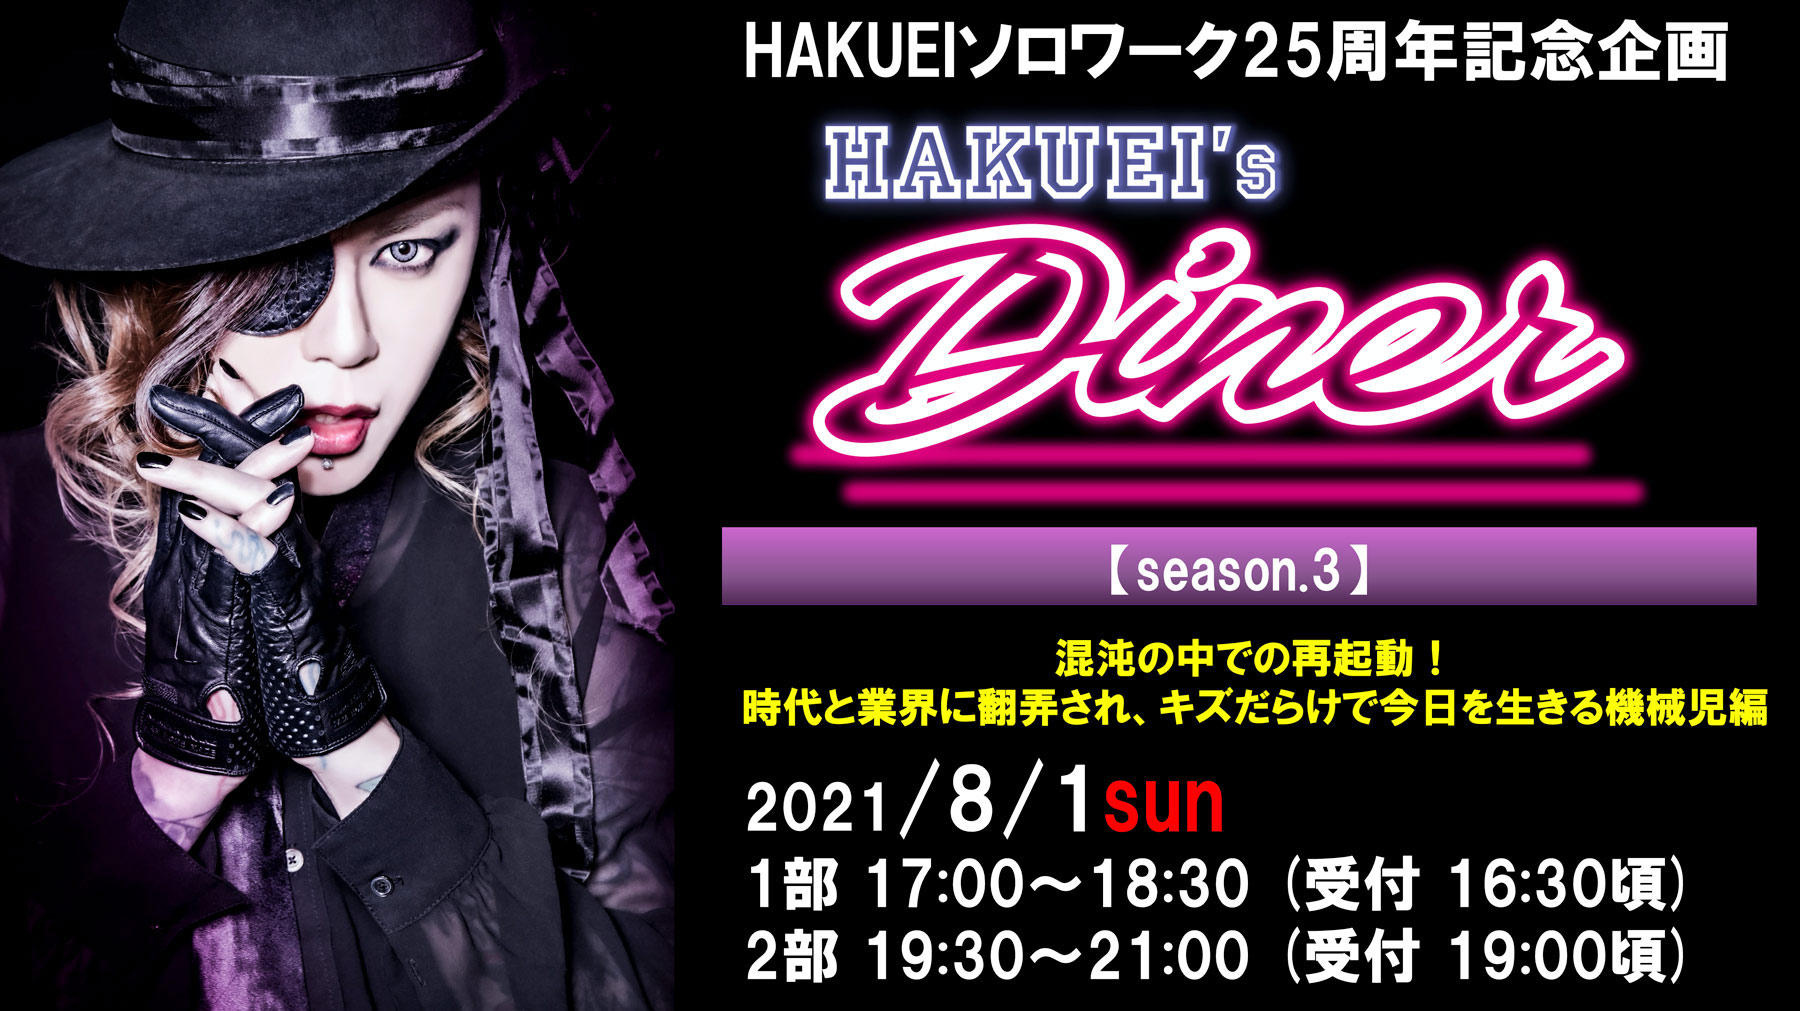 HAKUEIS Diner Season.3